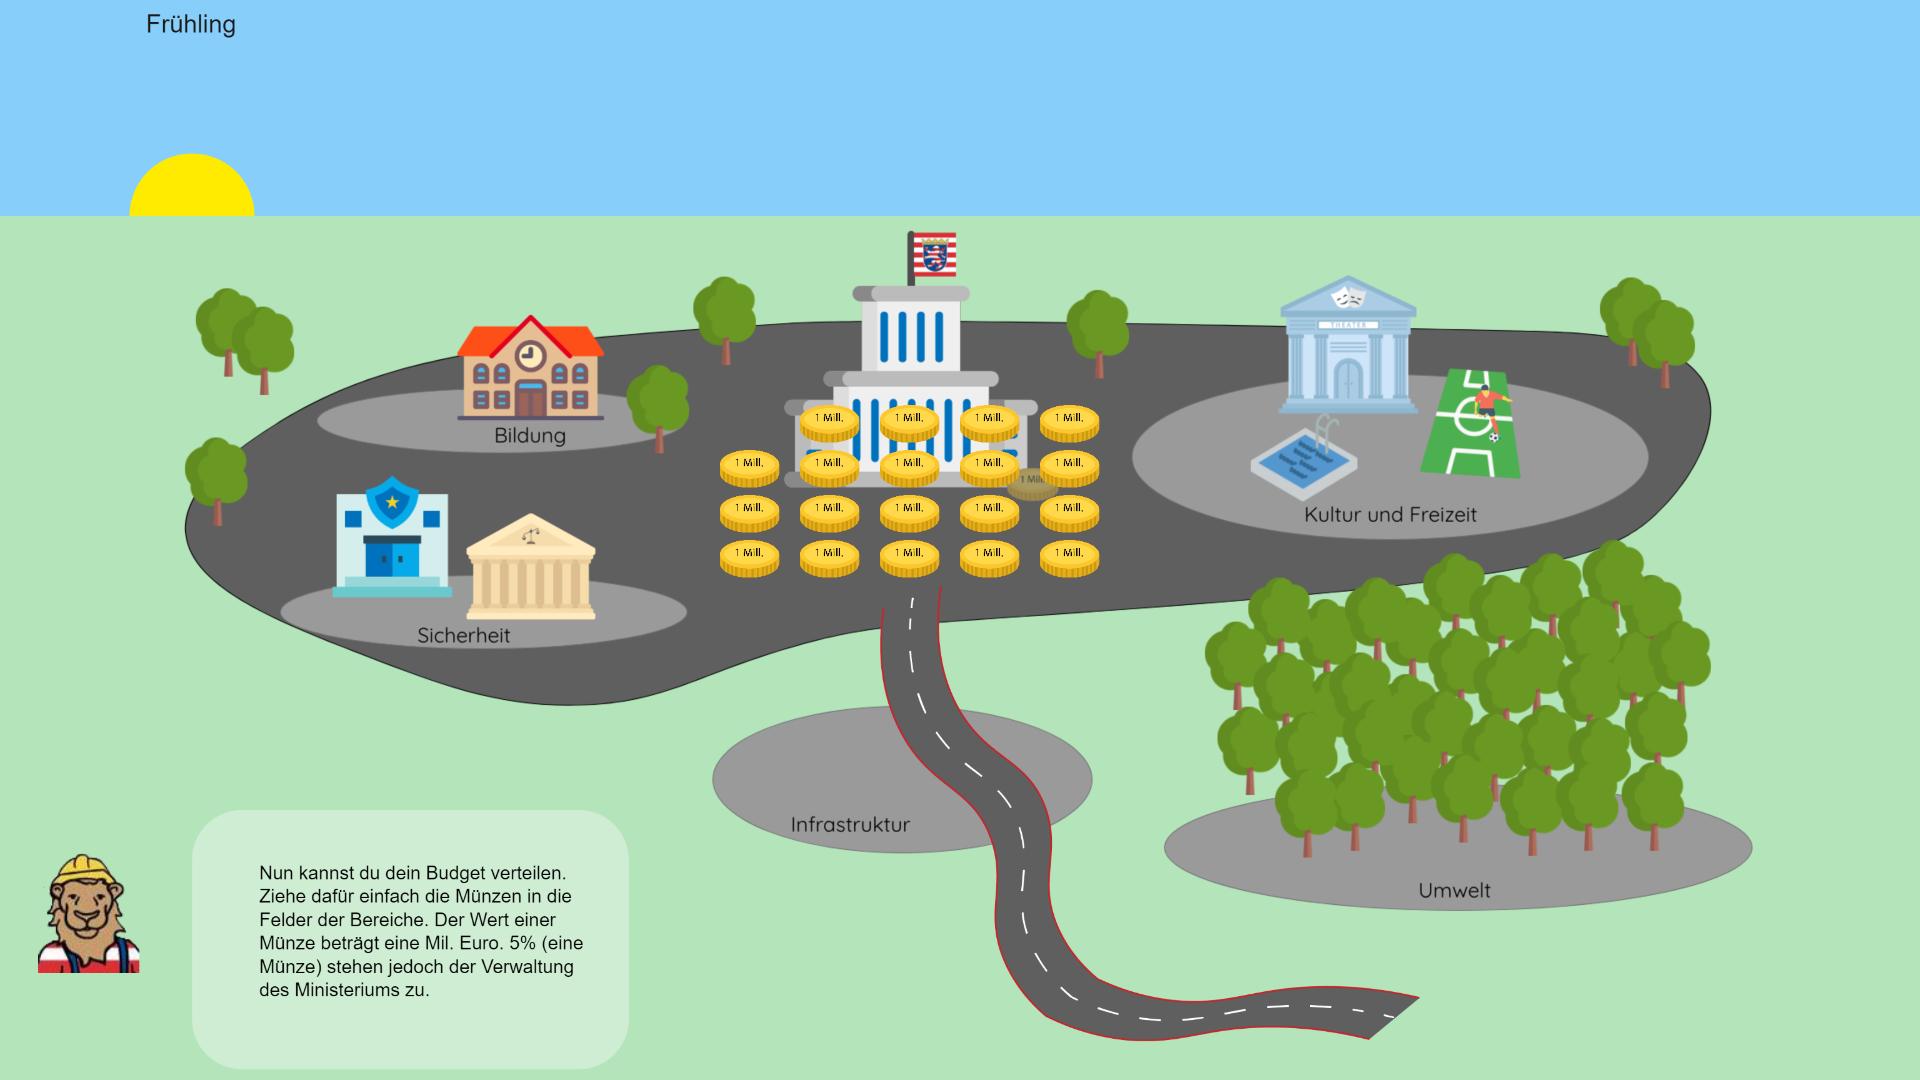 Verteilung der Steuereinnahmen auf Bereiche